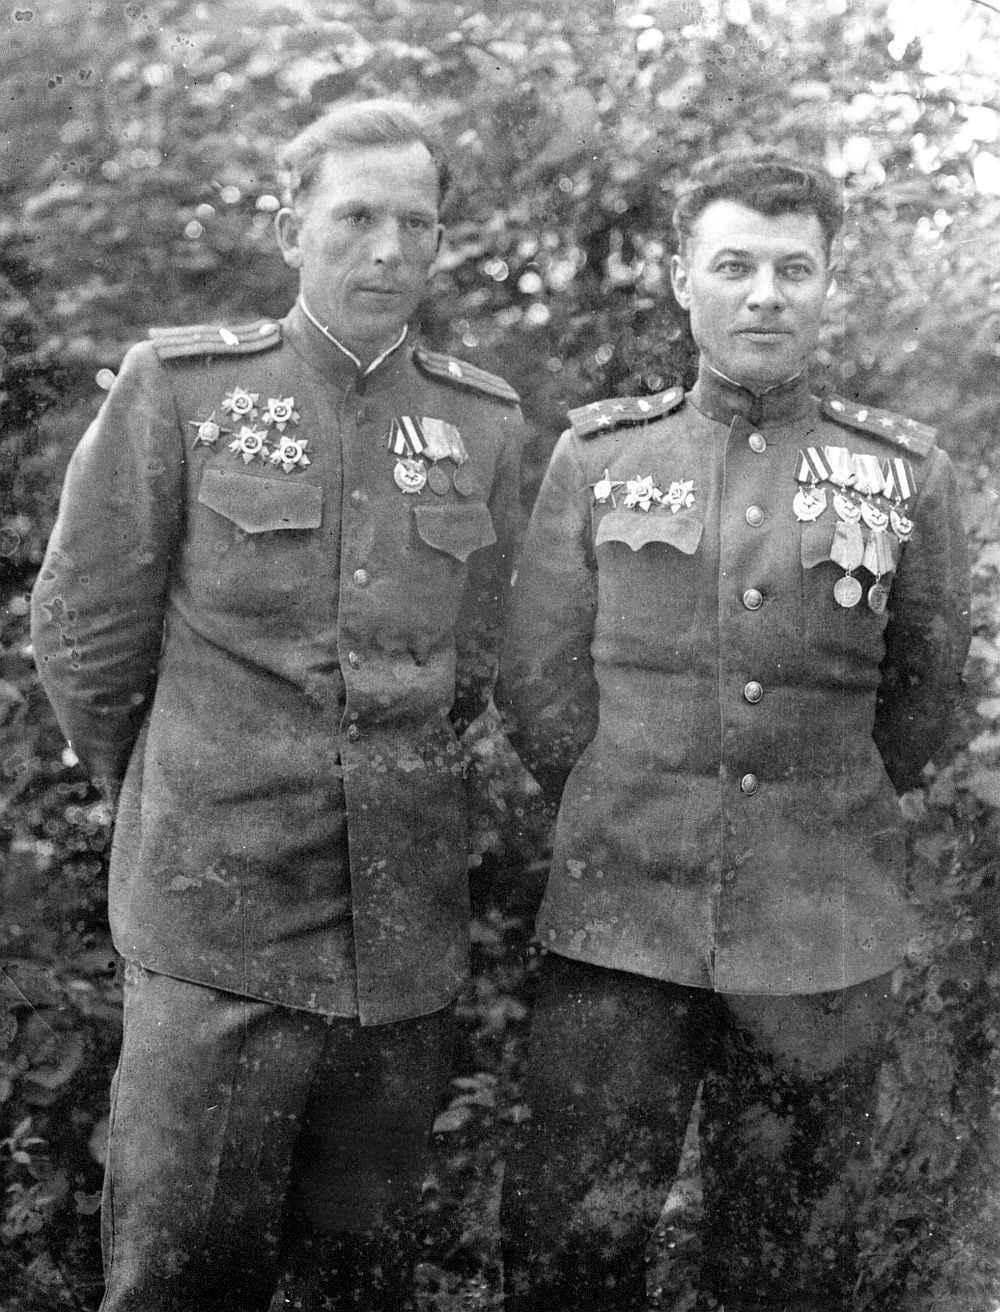 Командир и замполит 88-го отдельного тяжелого танкового полка